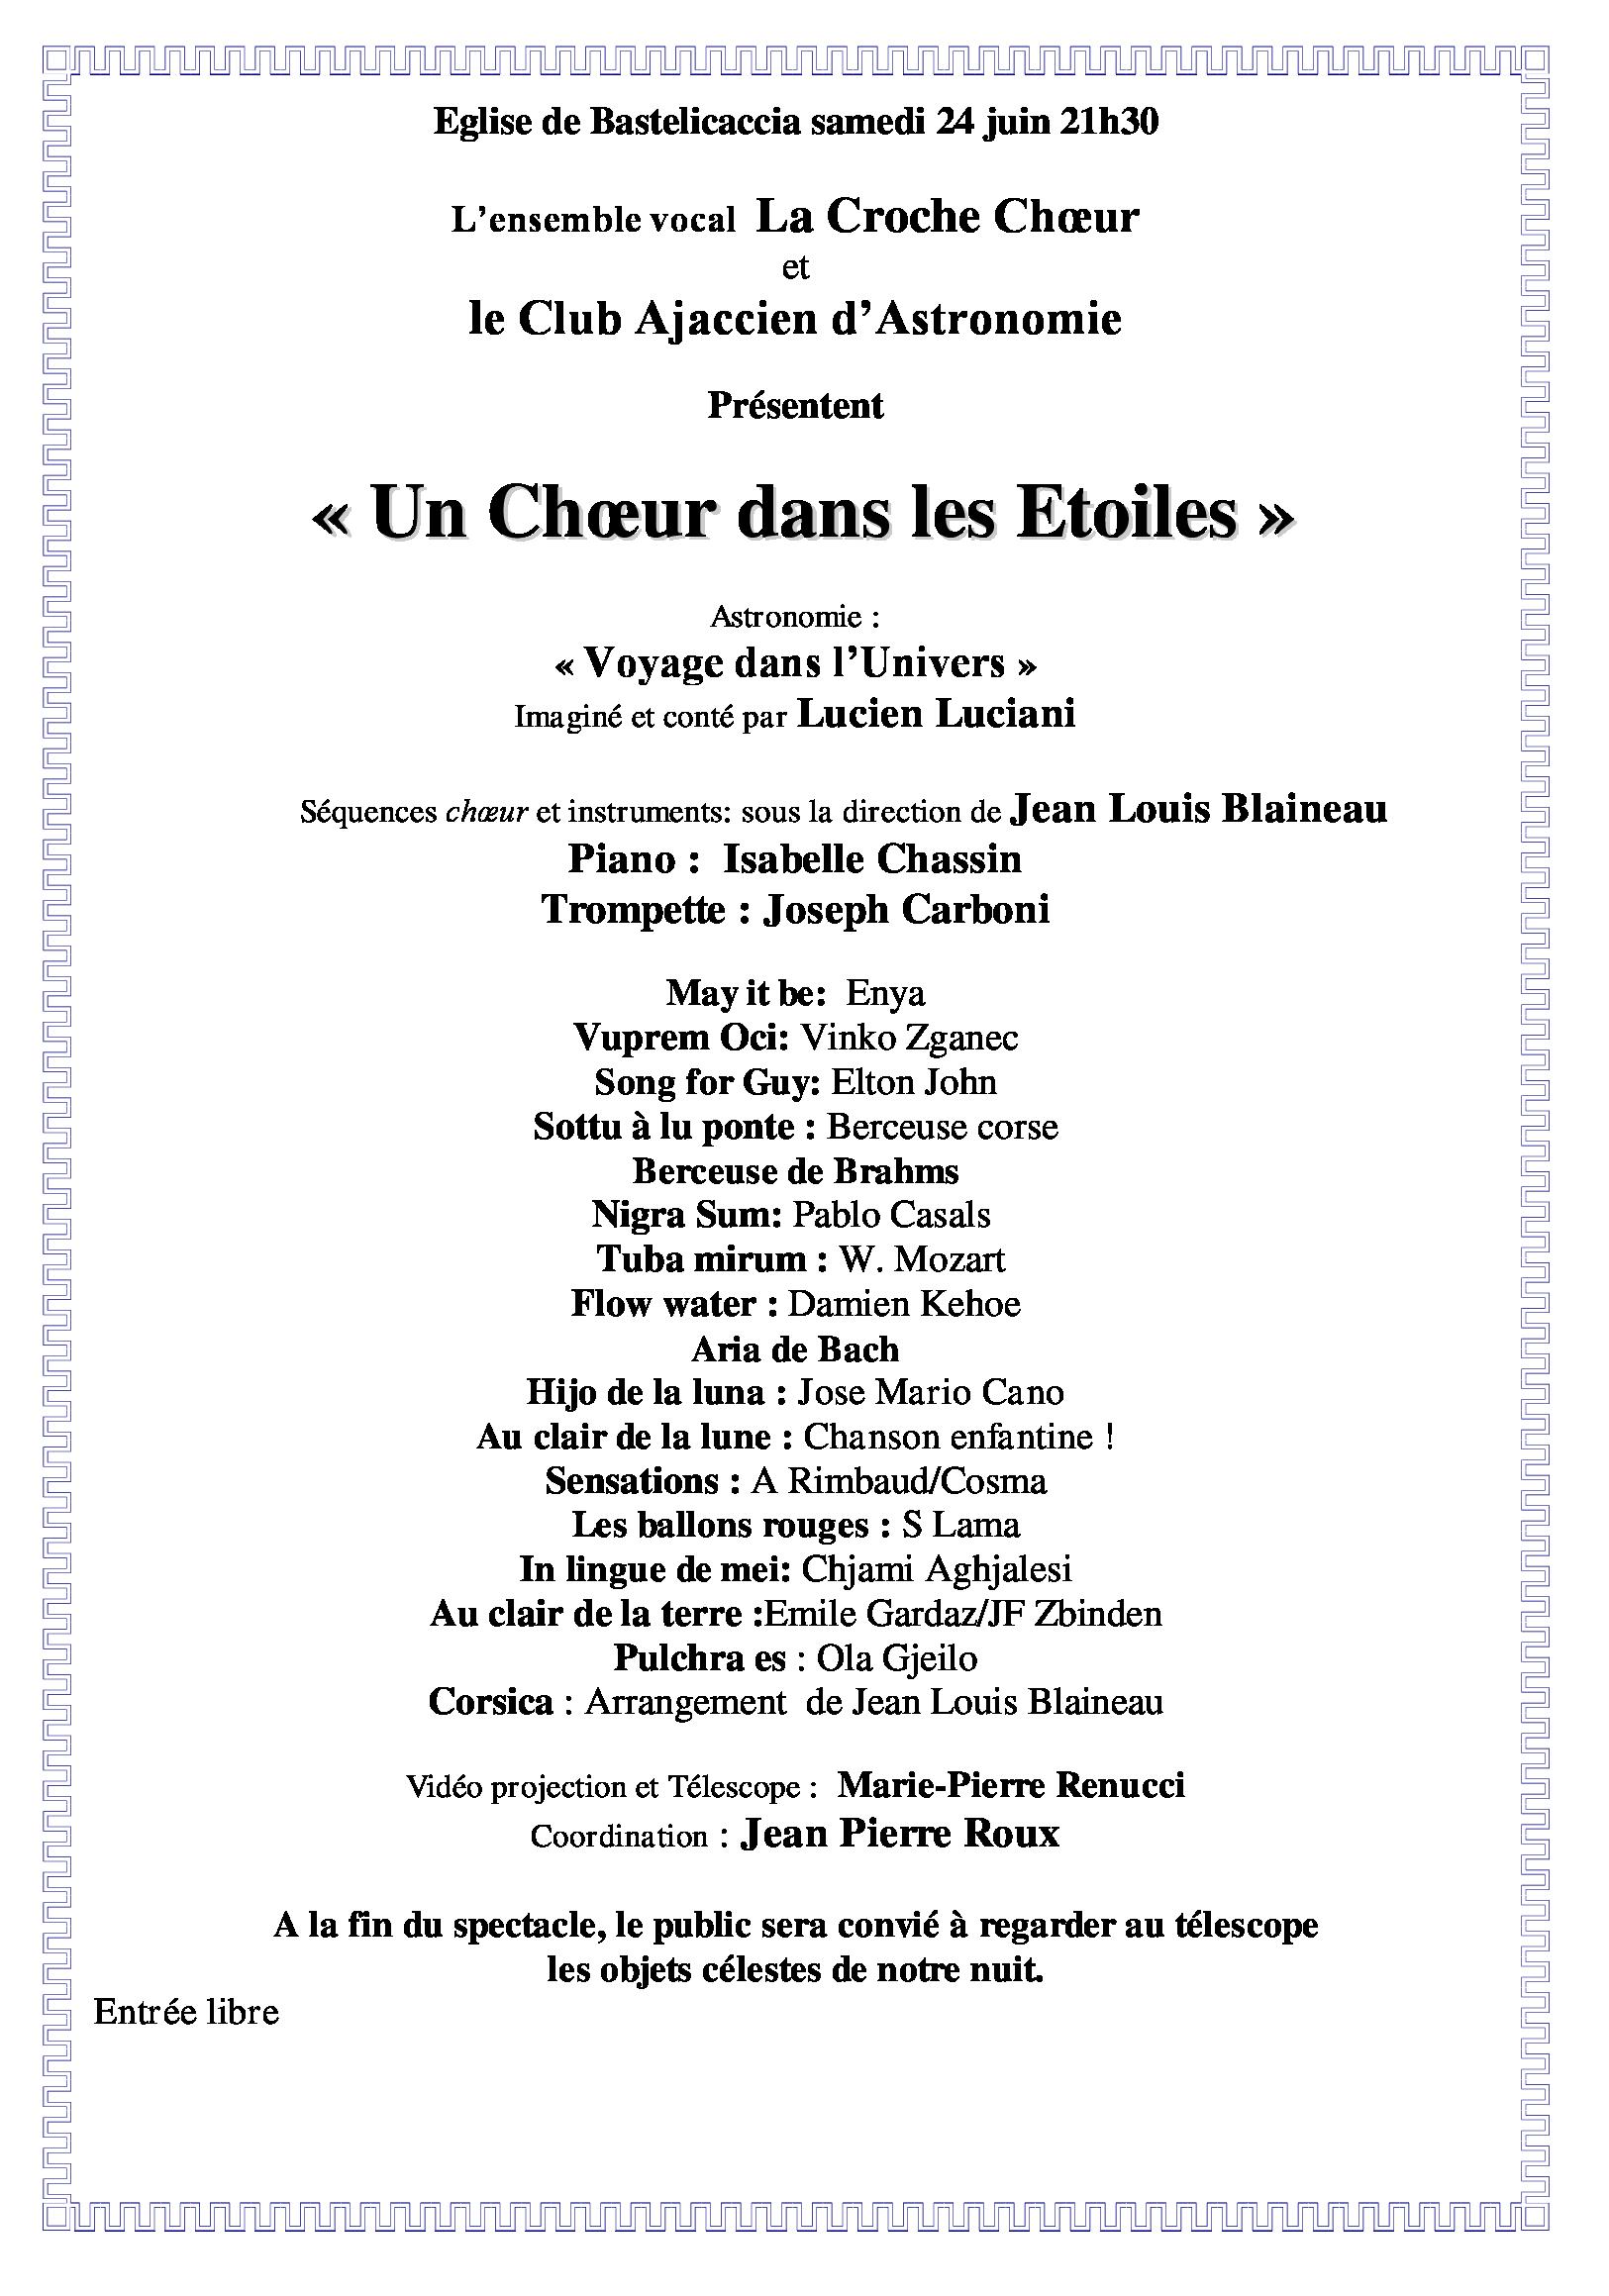 Affiche-choeur-ds-les-etoiles-Juin-2017-Bastelicaccia-2